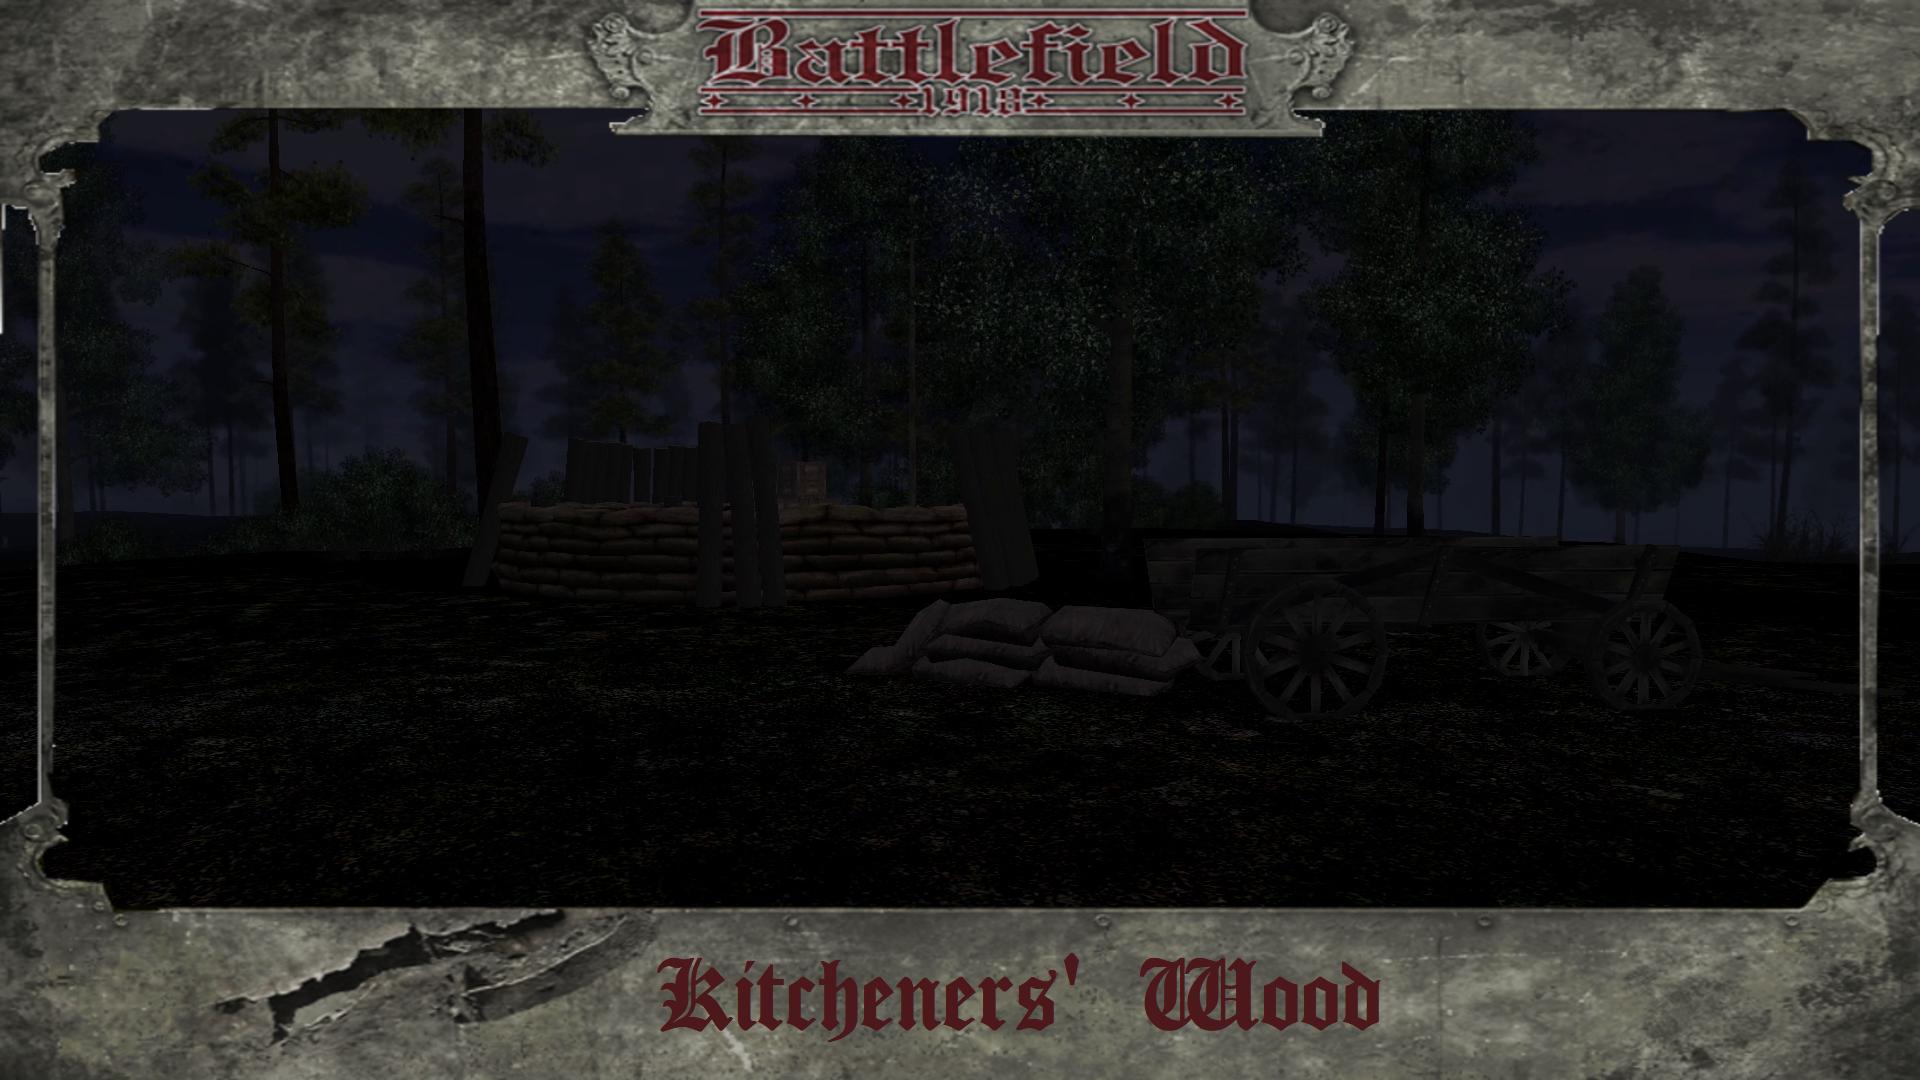 Kitcheners Wood 03